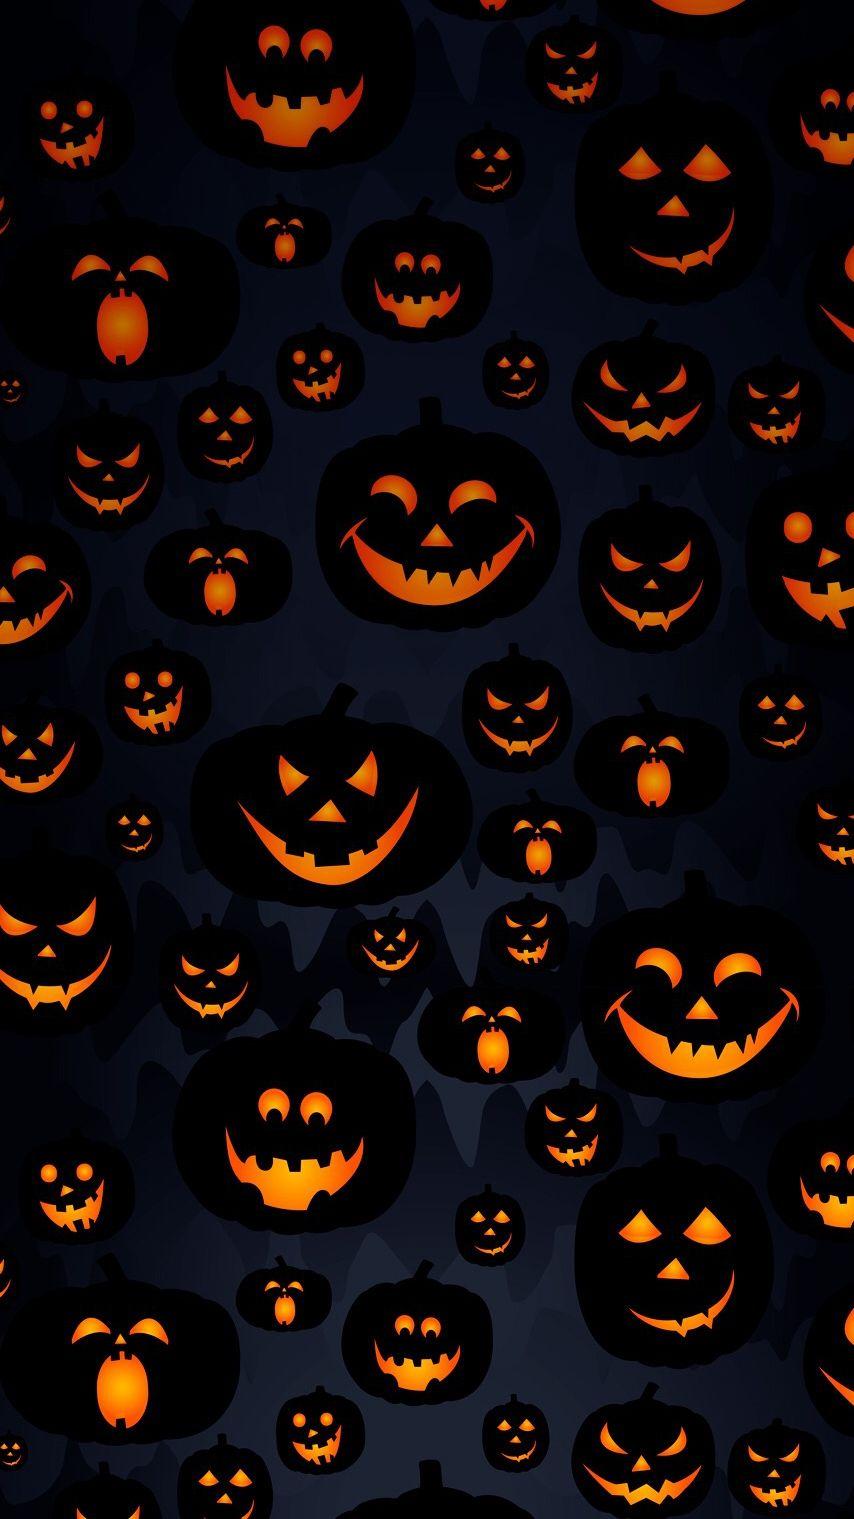 Scary Halloween Pumpkin Masks Iphone Wallpaper Halloween Wallpaper Iphone Pumpkin Wallpaper Halloween Wallpaper